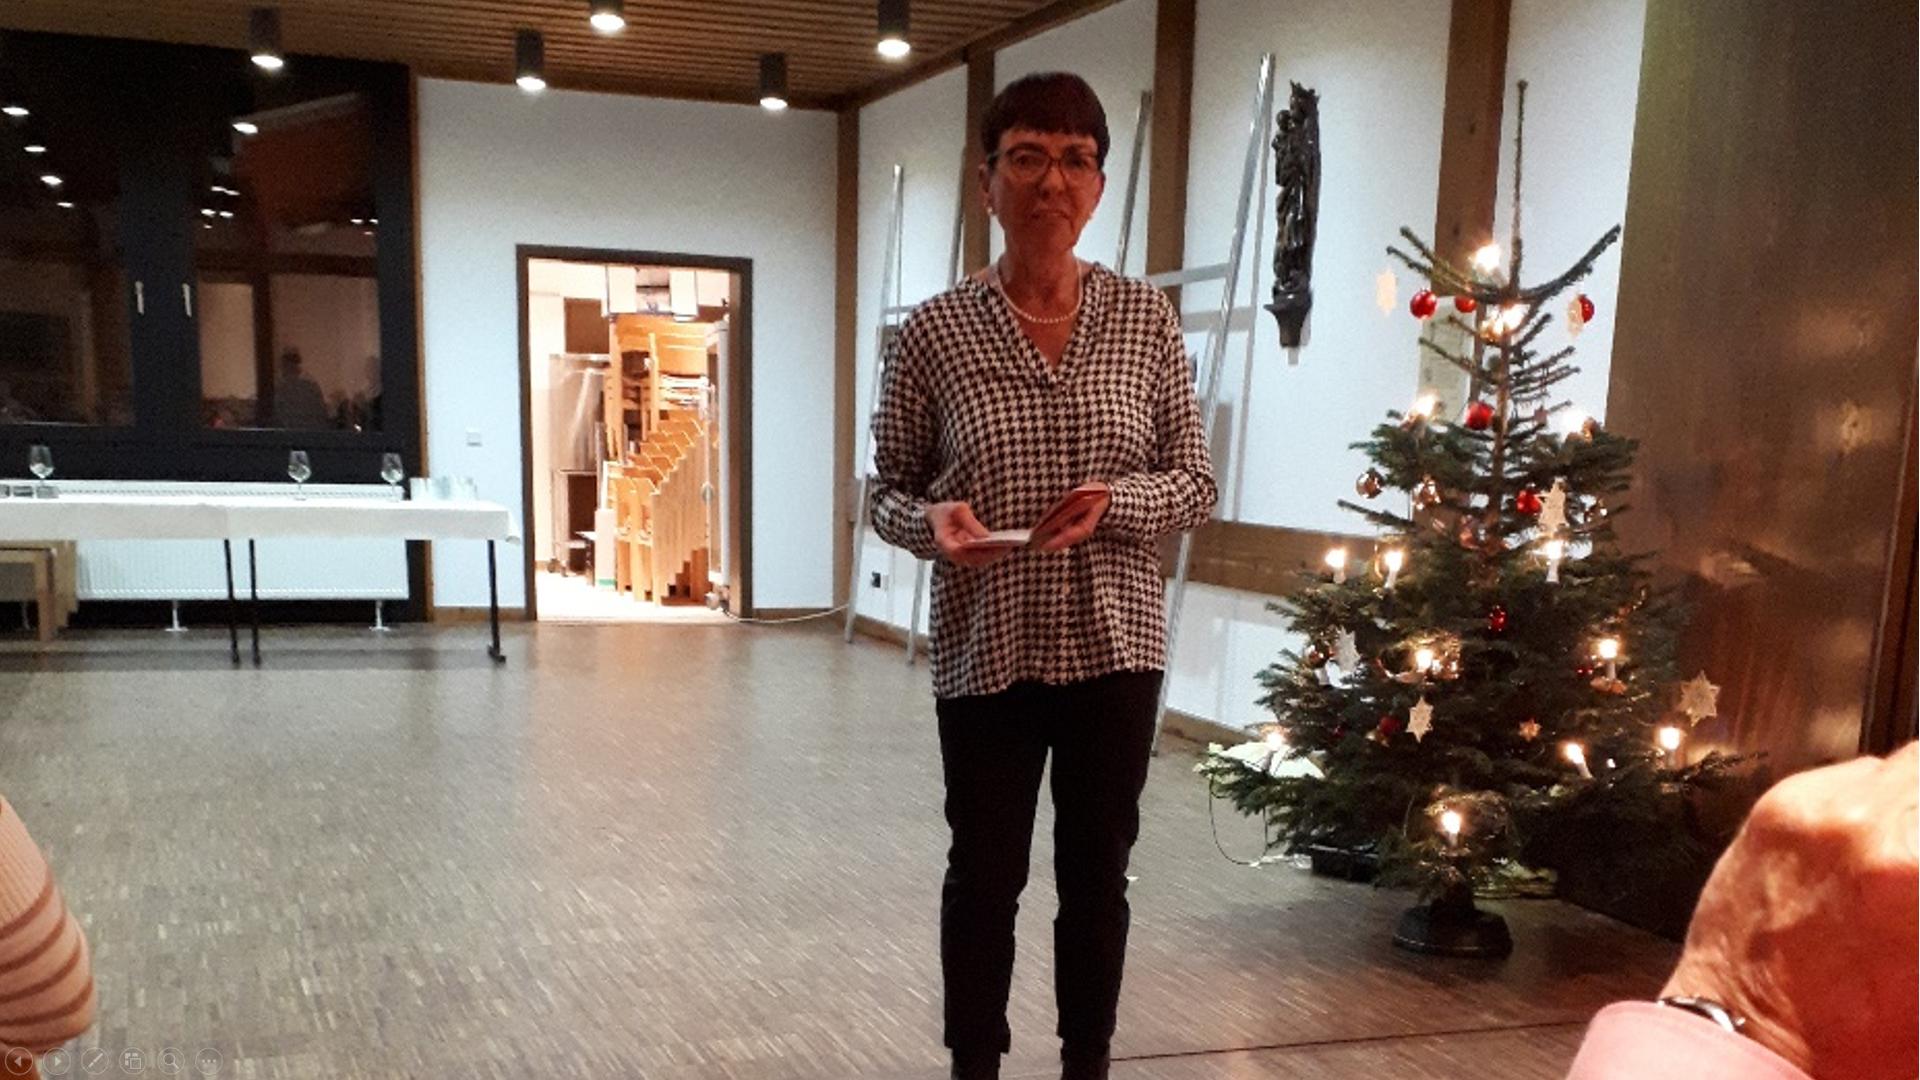 Ilse Beuscher-Schachte unterhielt die Gäste mit einer kurzweiligen und humorvollen Weihnachtsgeschichte